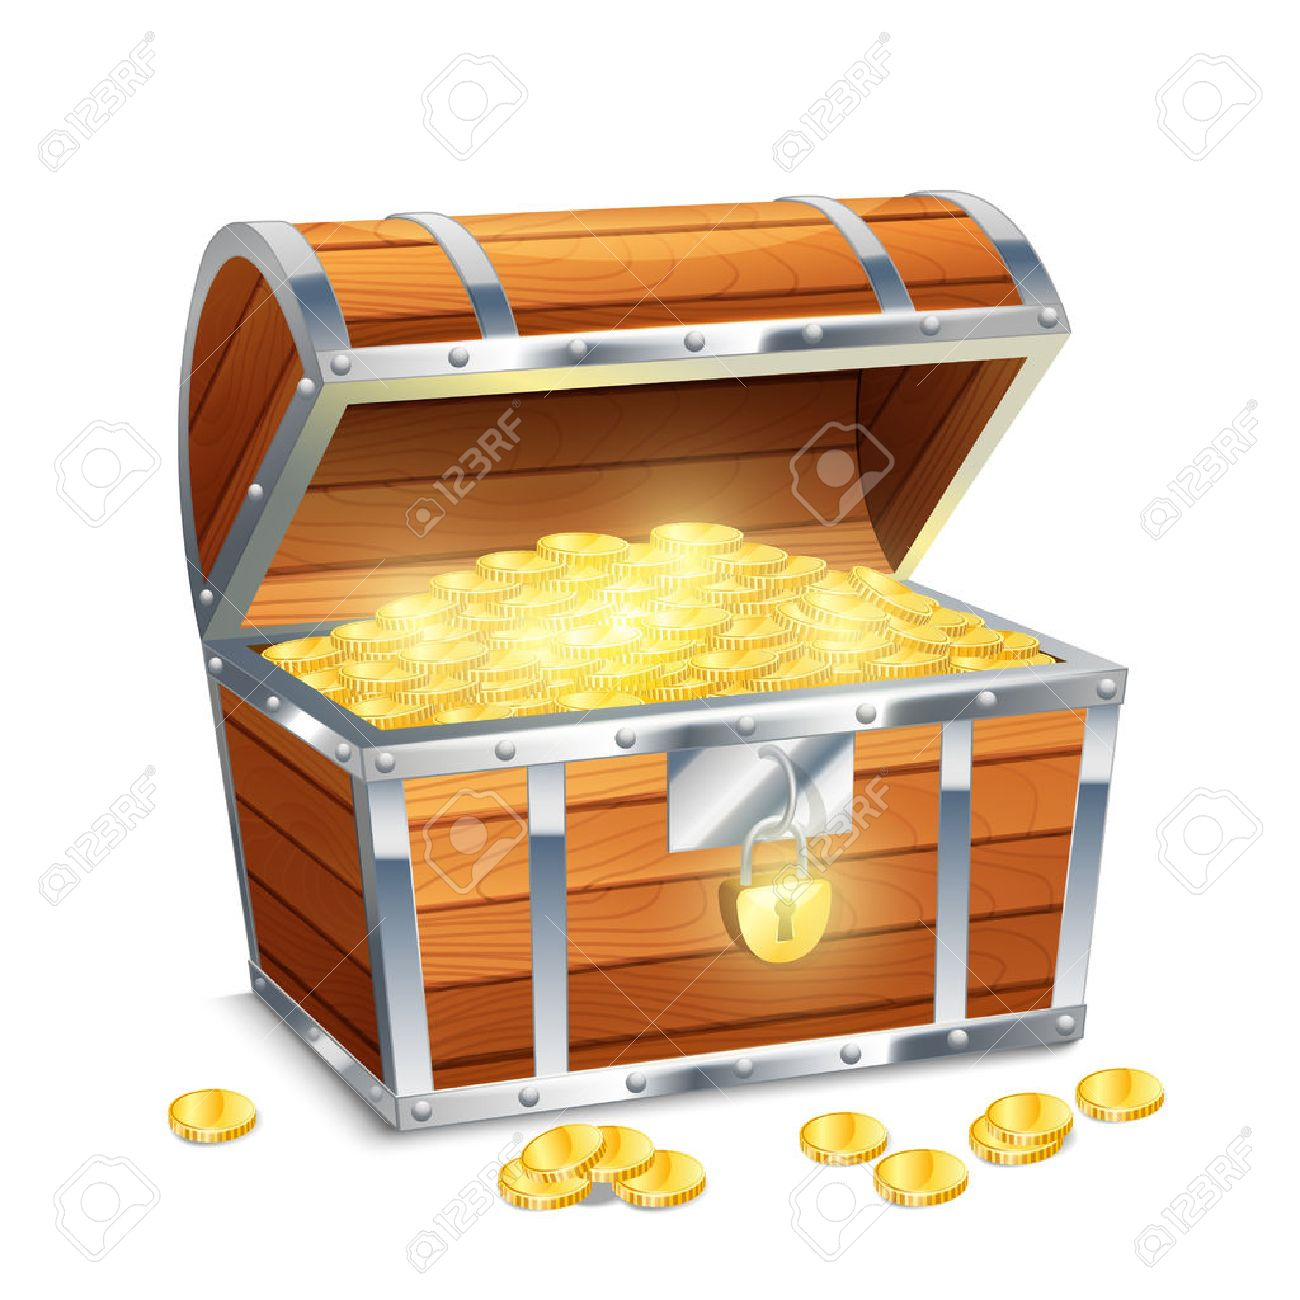 Image Coffre Pirate réaliste vieux coffre pirate de style au trésor avec des pièces d'or